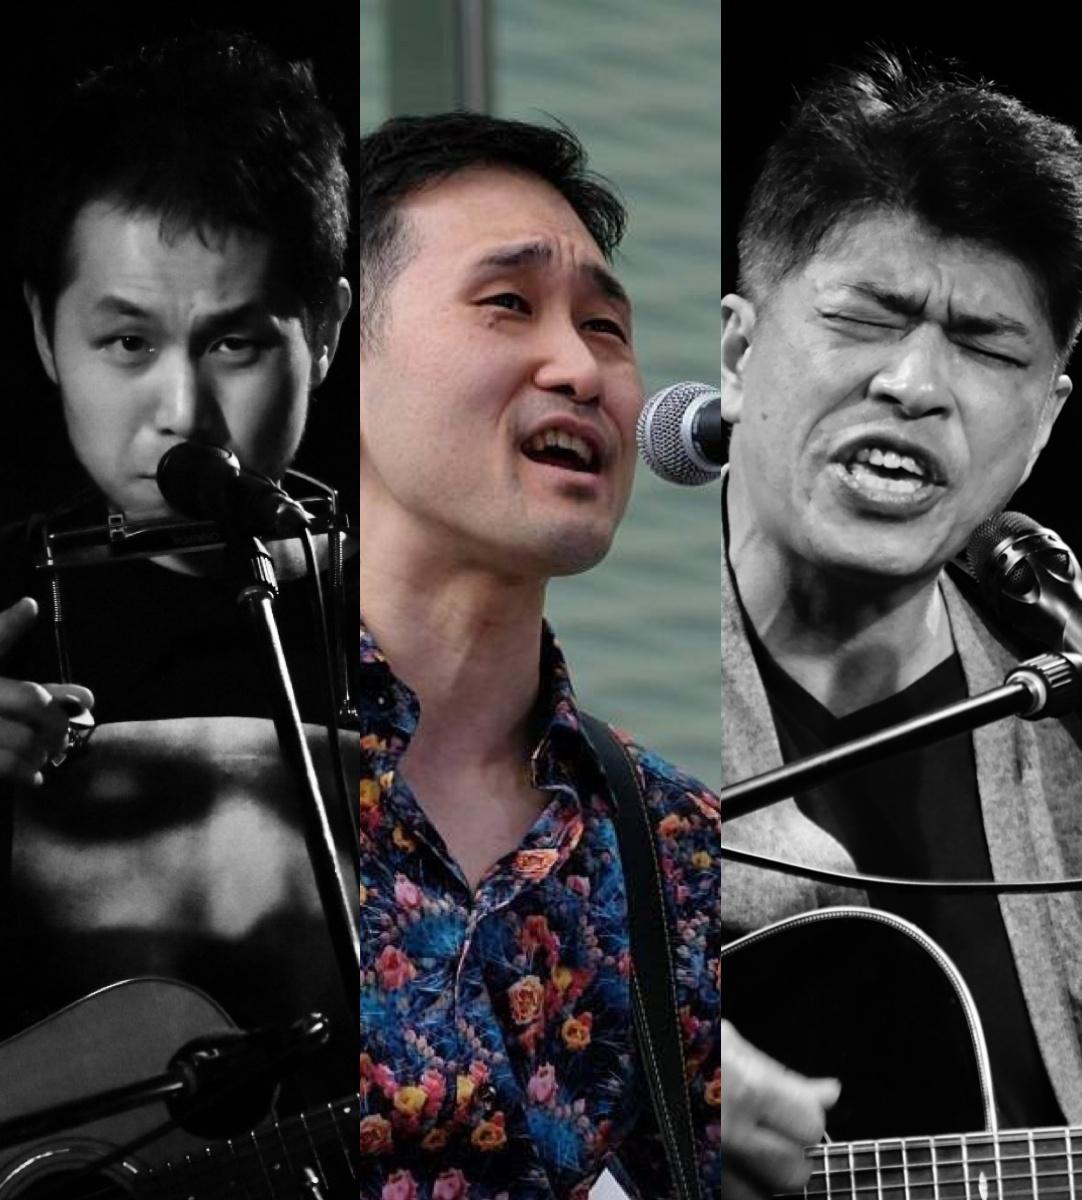 『僕たちの歌がこのメトロポリタンで風になる時』 出演:野口明伸 / 宇能伎寿哉 / 栁下学